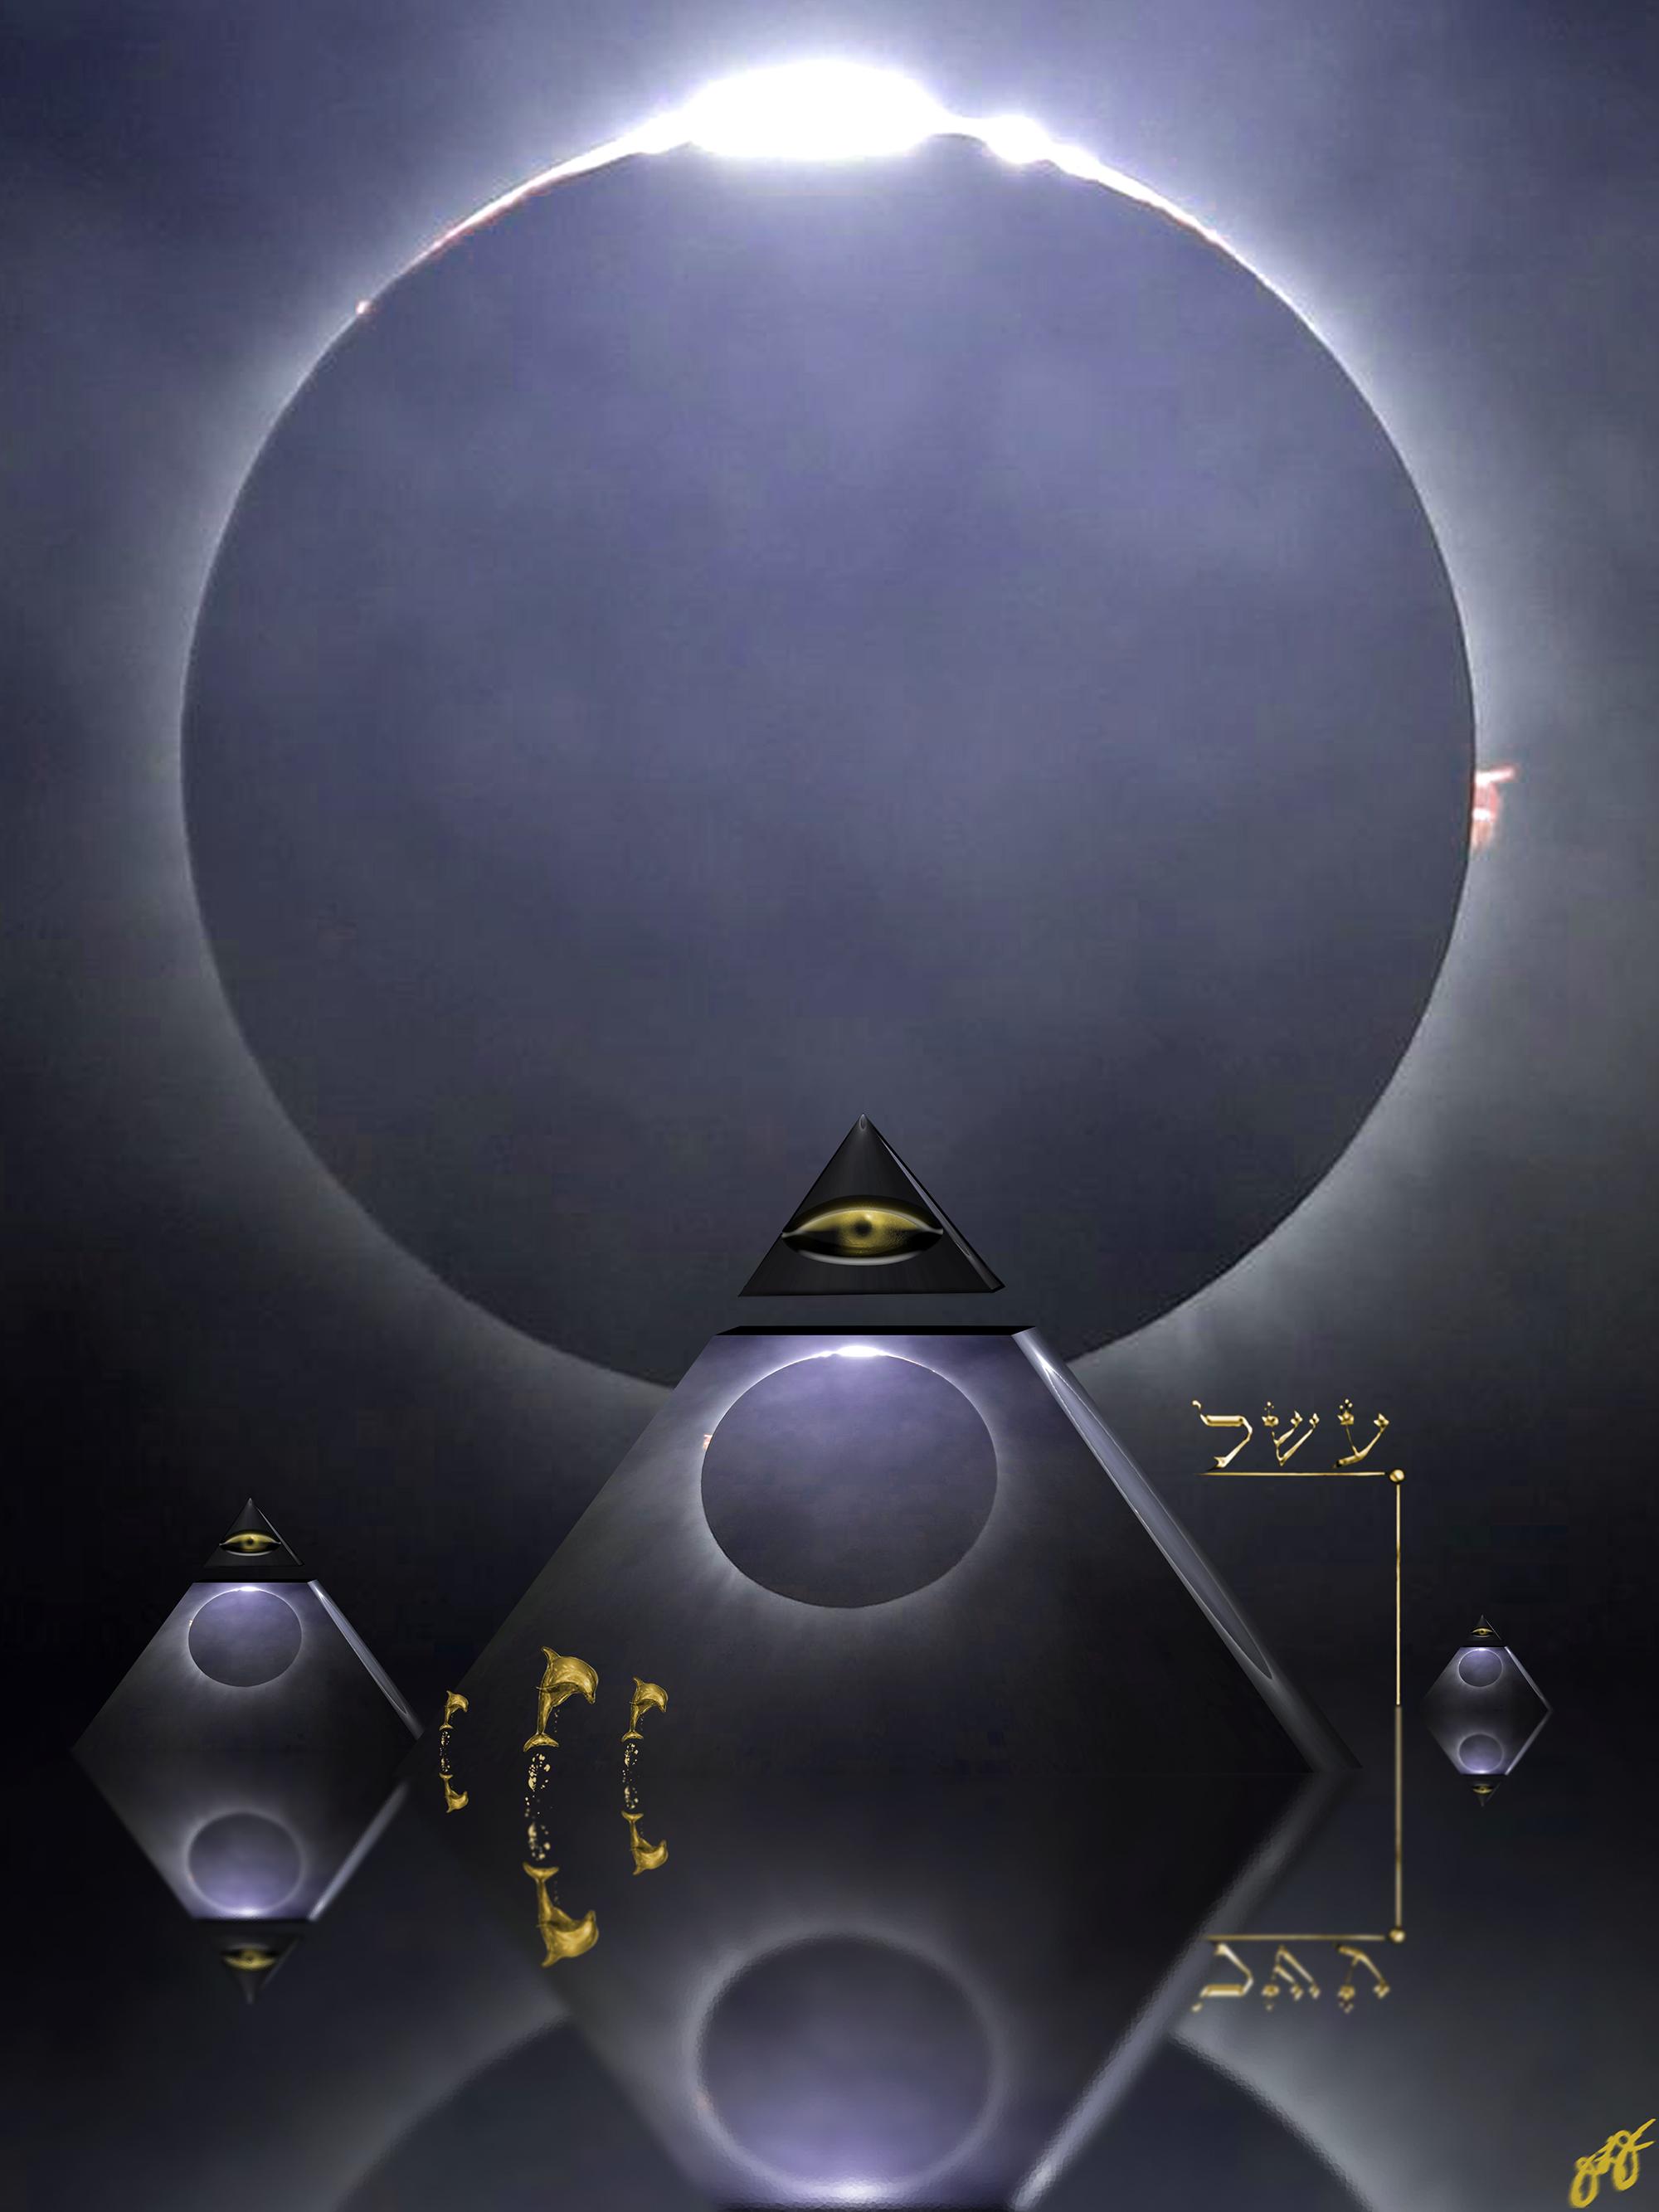 octrahedron 5